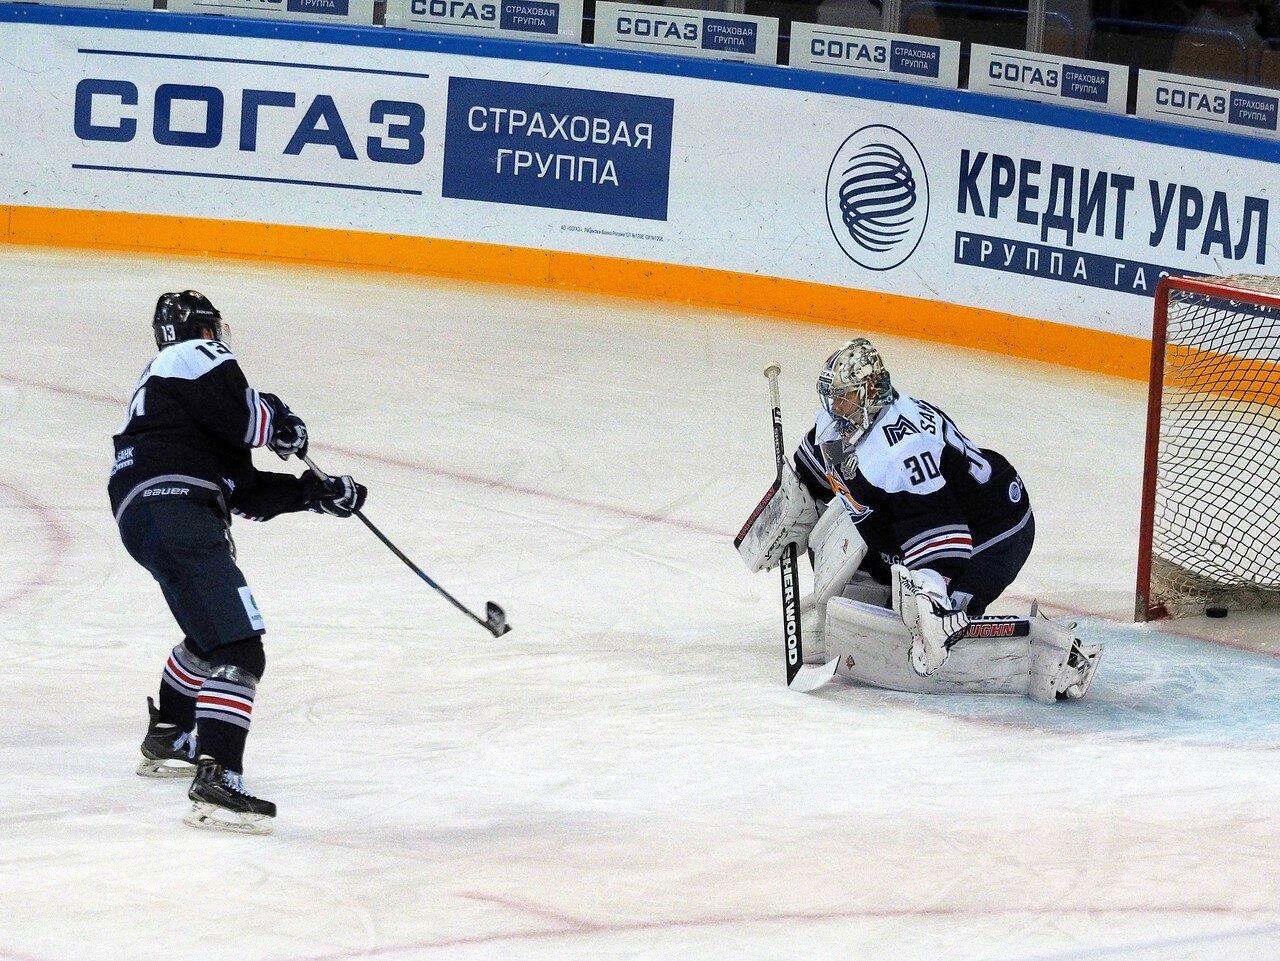 44 Металлург - Салават Юлаев 23.09.2017